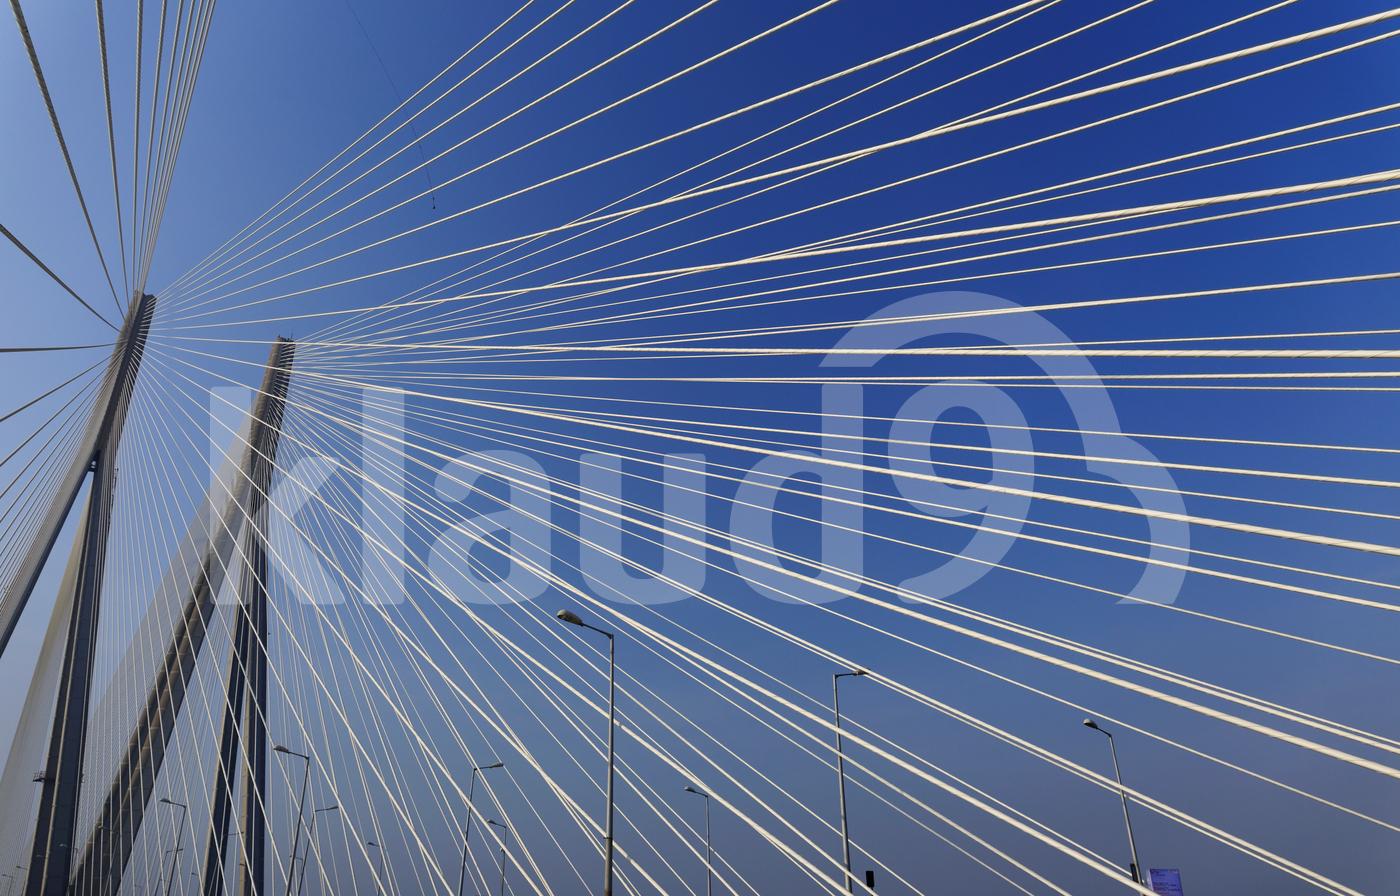 Bandra Worli Sea Link bridge, Mumbai, India.